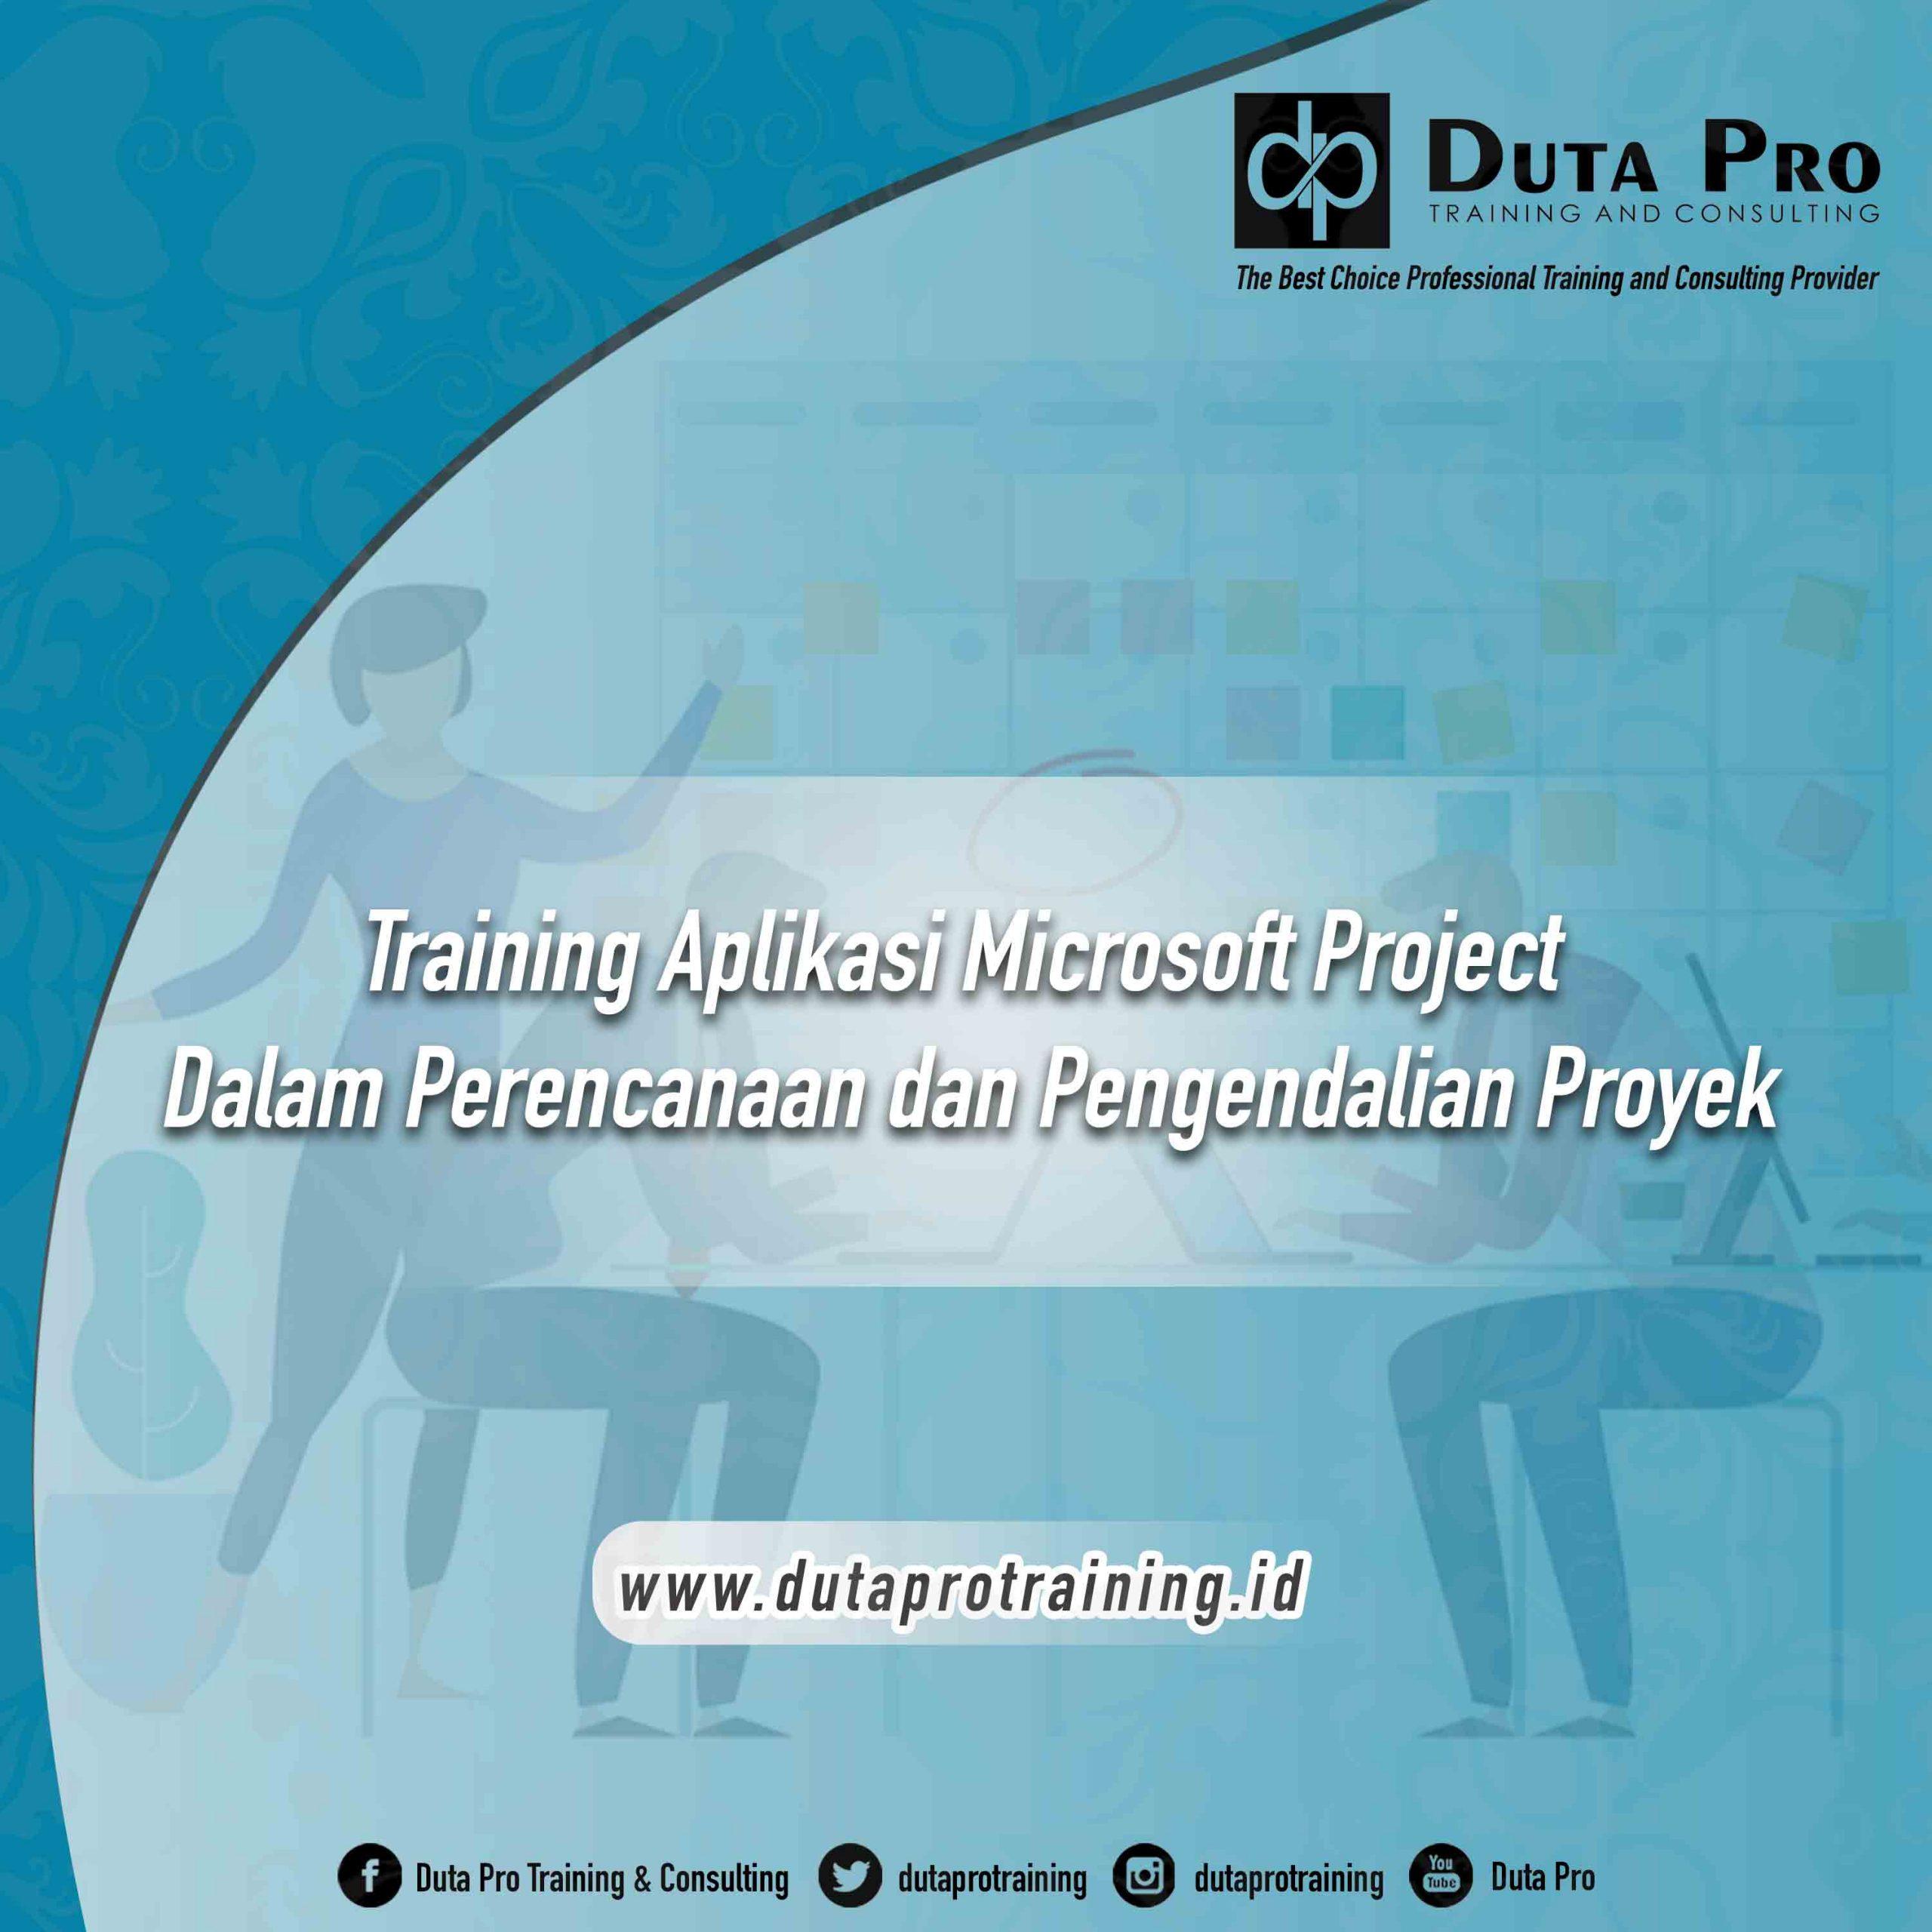 Aplikasi Microsoft Project Dalam Perencanaan dan Pengendalian Proyek